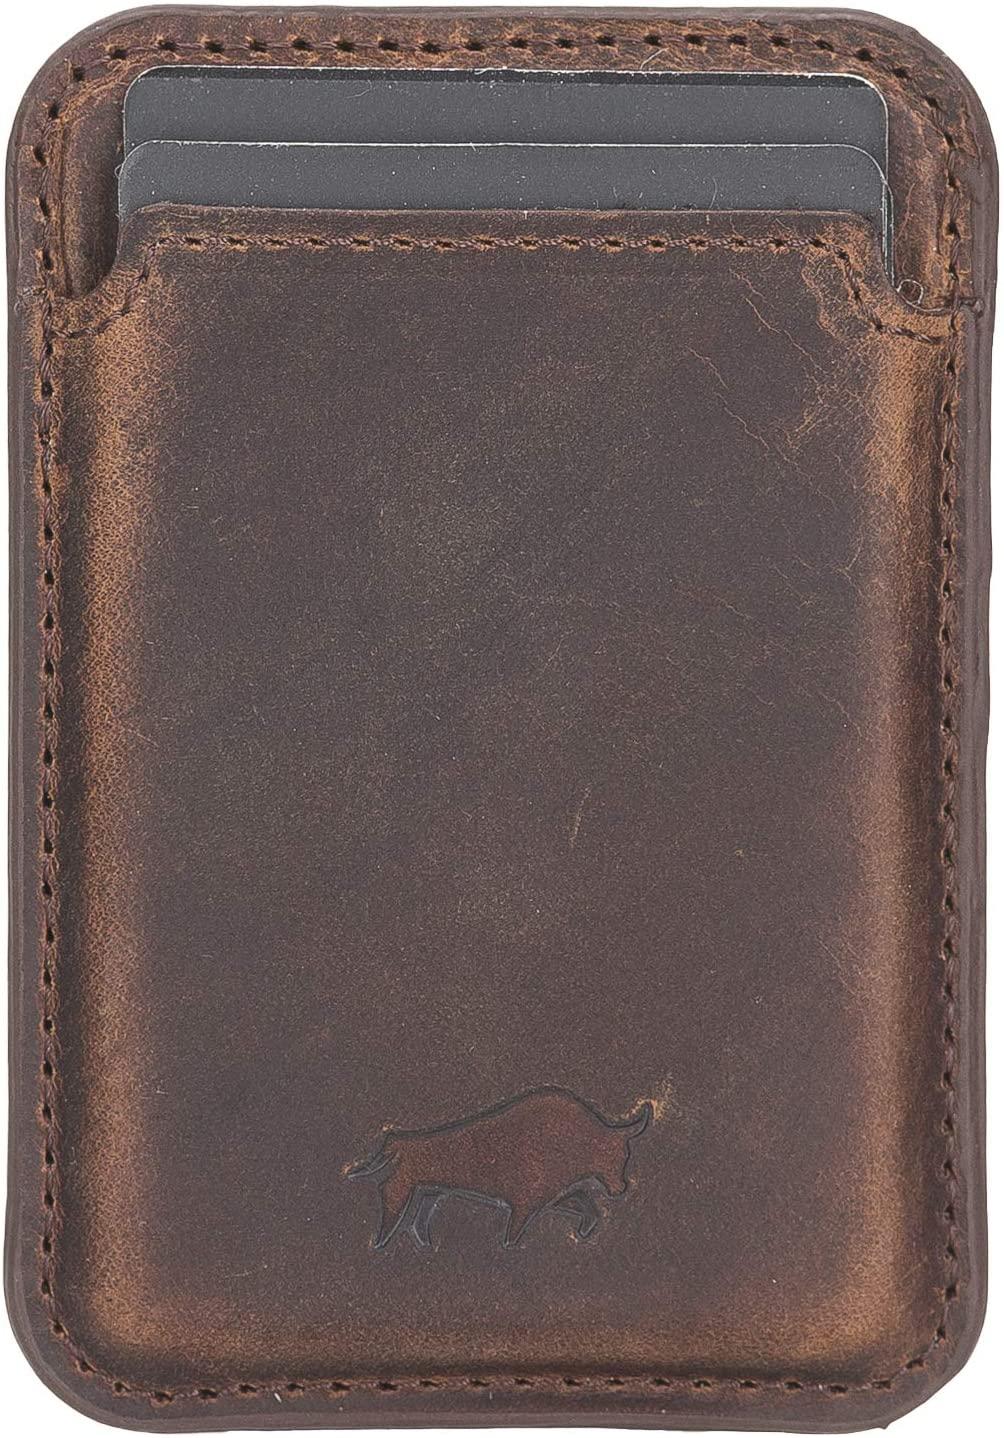 Magnetische Geldbörse (Magsafe) Für verschiedene Lederhüllen von Solo Pelle kompatibel kompatibe  (Vintage Braun)